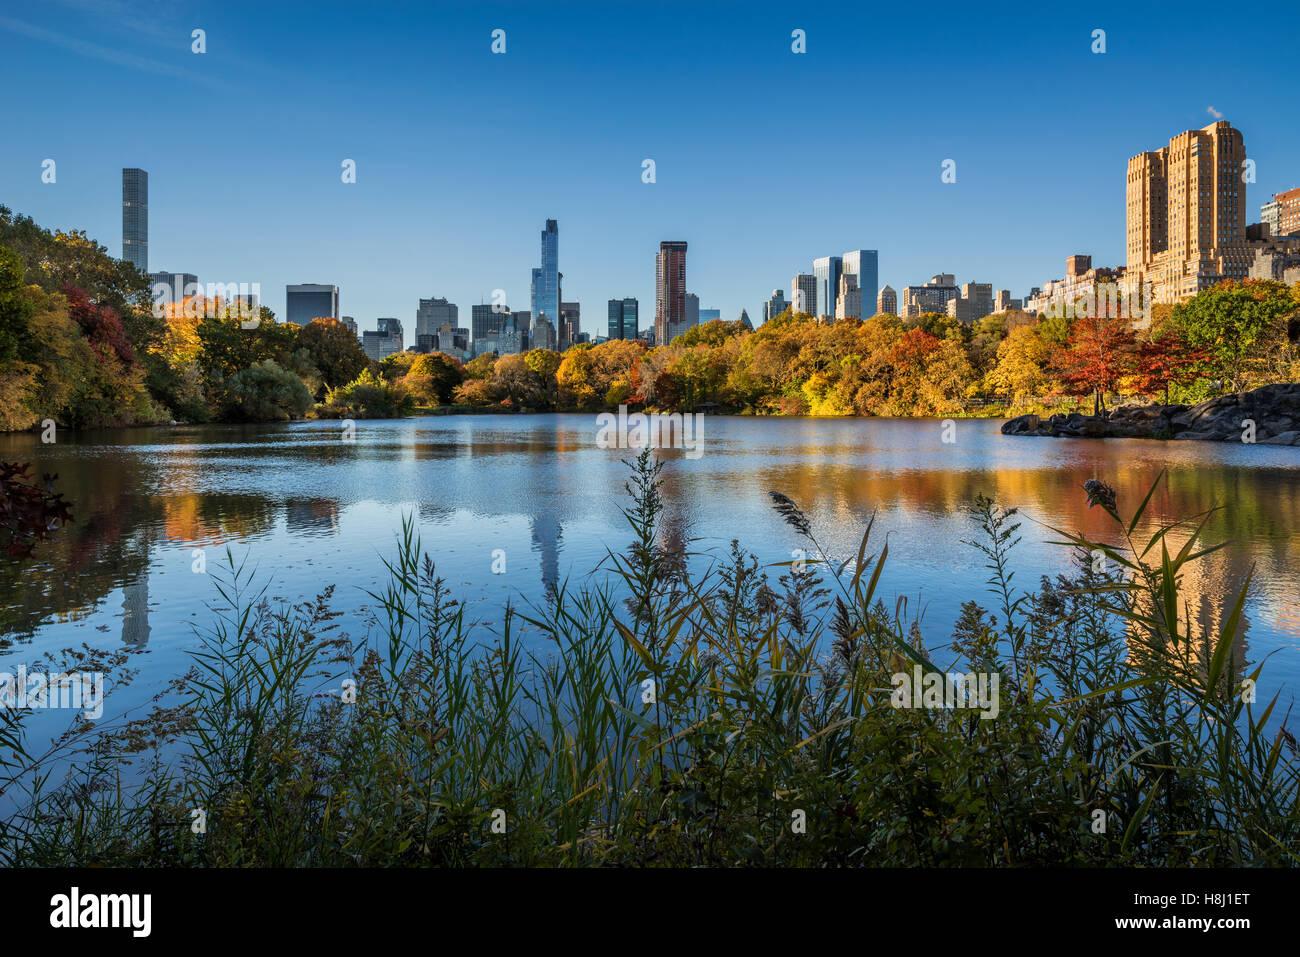 Otoño en Central Park en el lago con Midtown y en el Upper West Side de rascacielos. El follaje de otoño Imagen De Stock